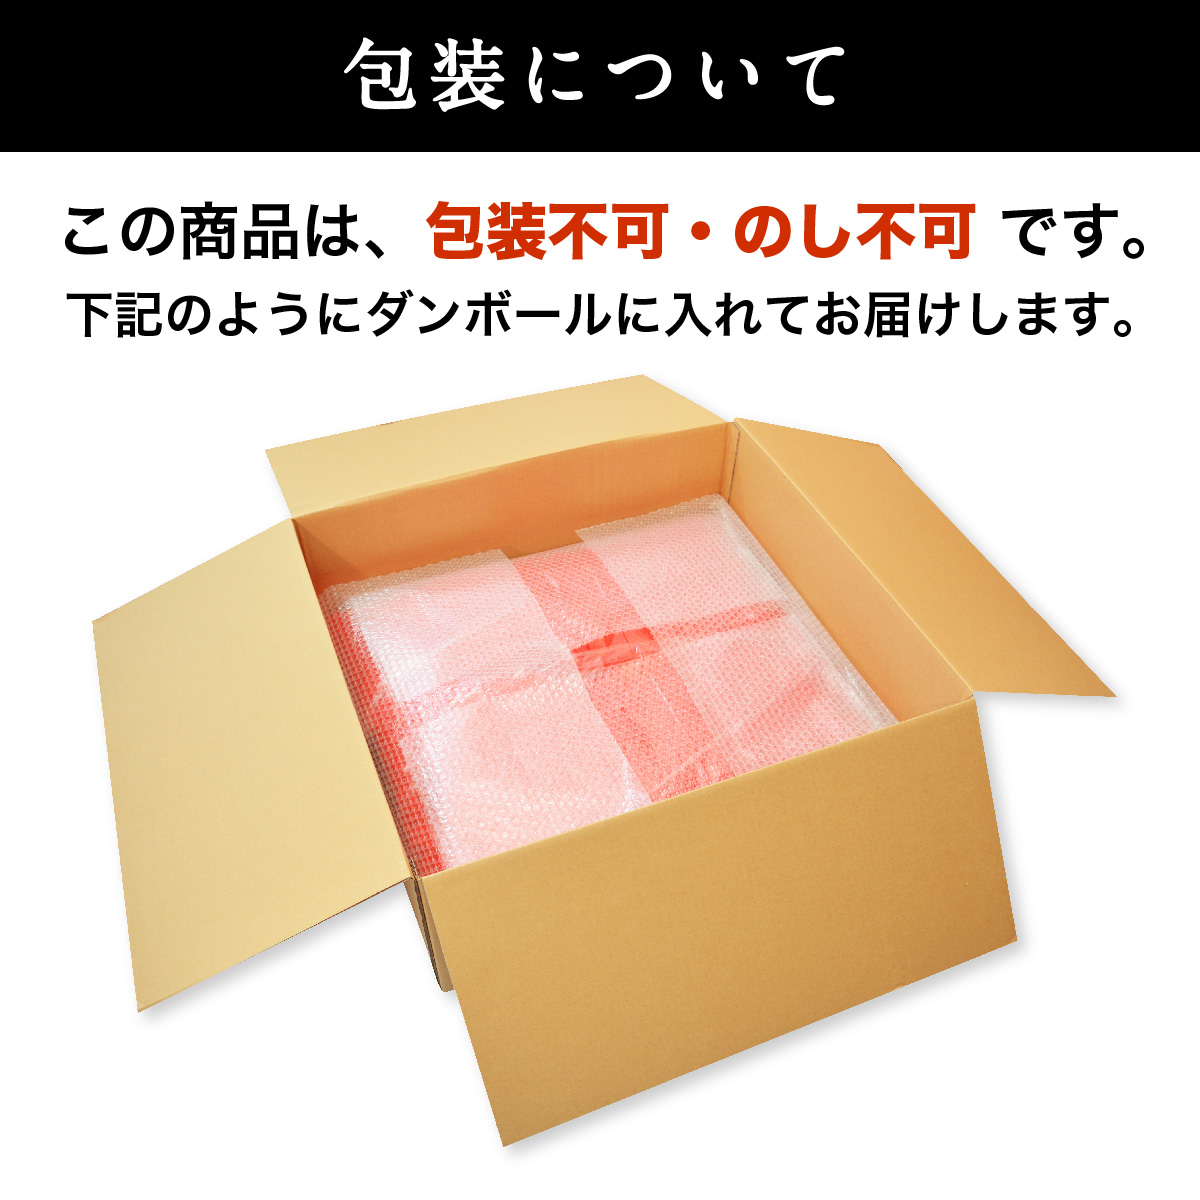 還暦 プレゼント 赤色の座布団 包装不可・のし不可